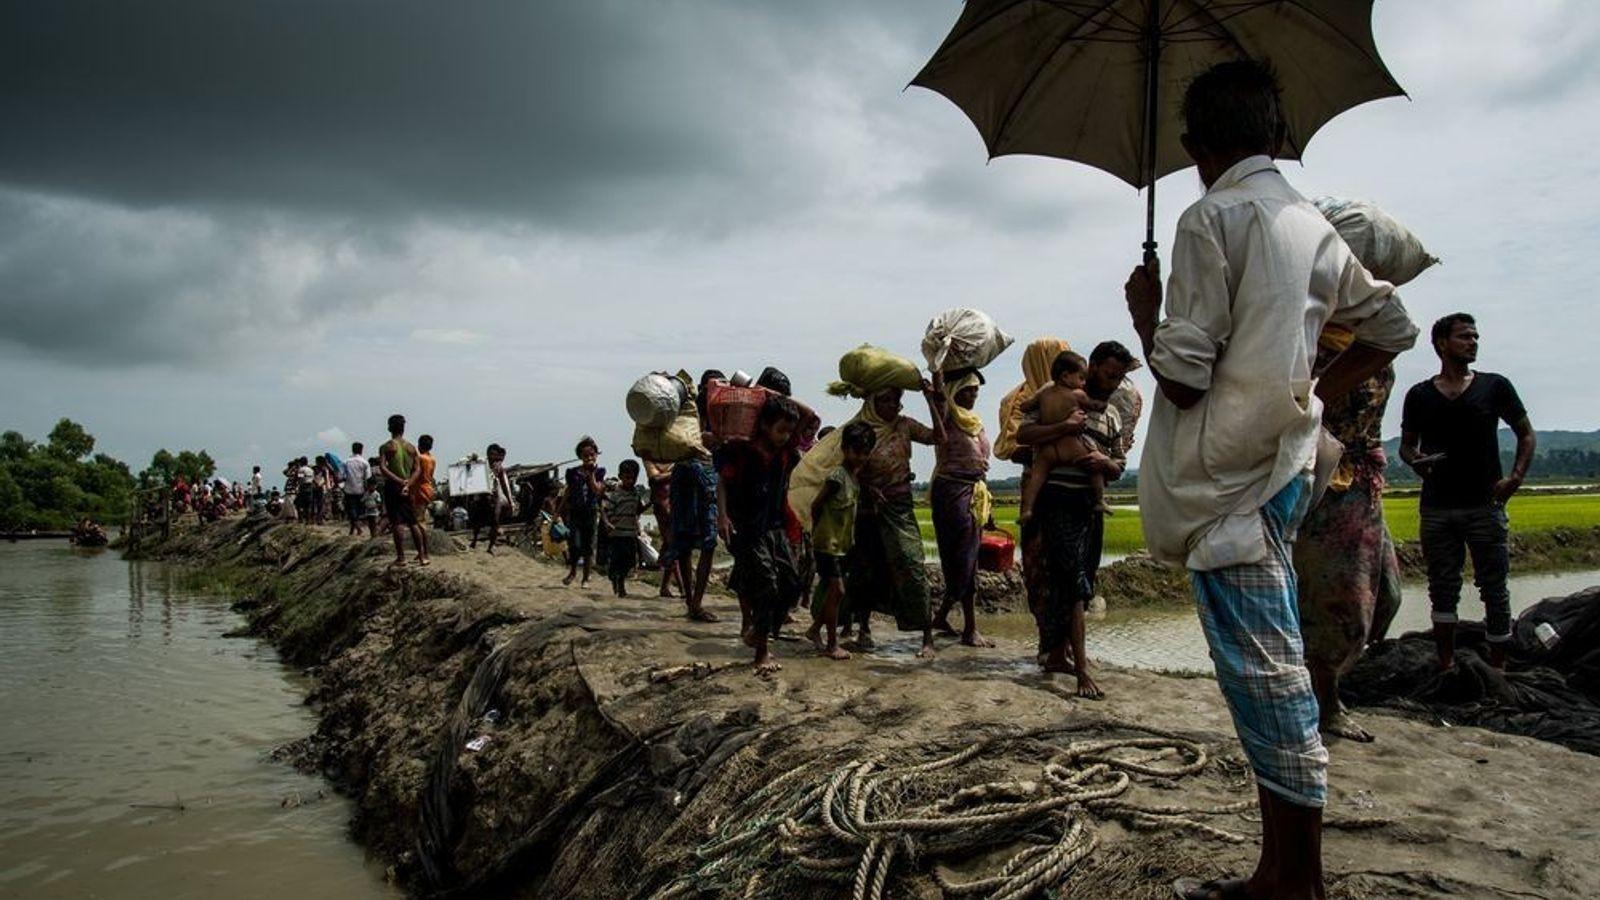 Des réfugiés rohingya fuit le Myanmar pour le Bangladesh.